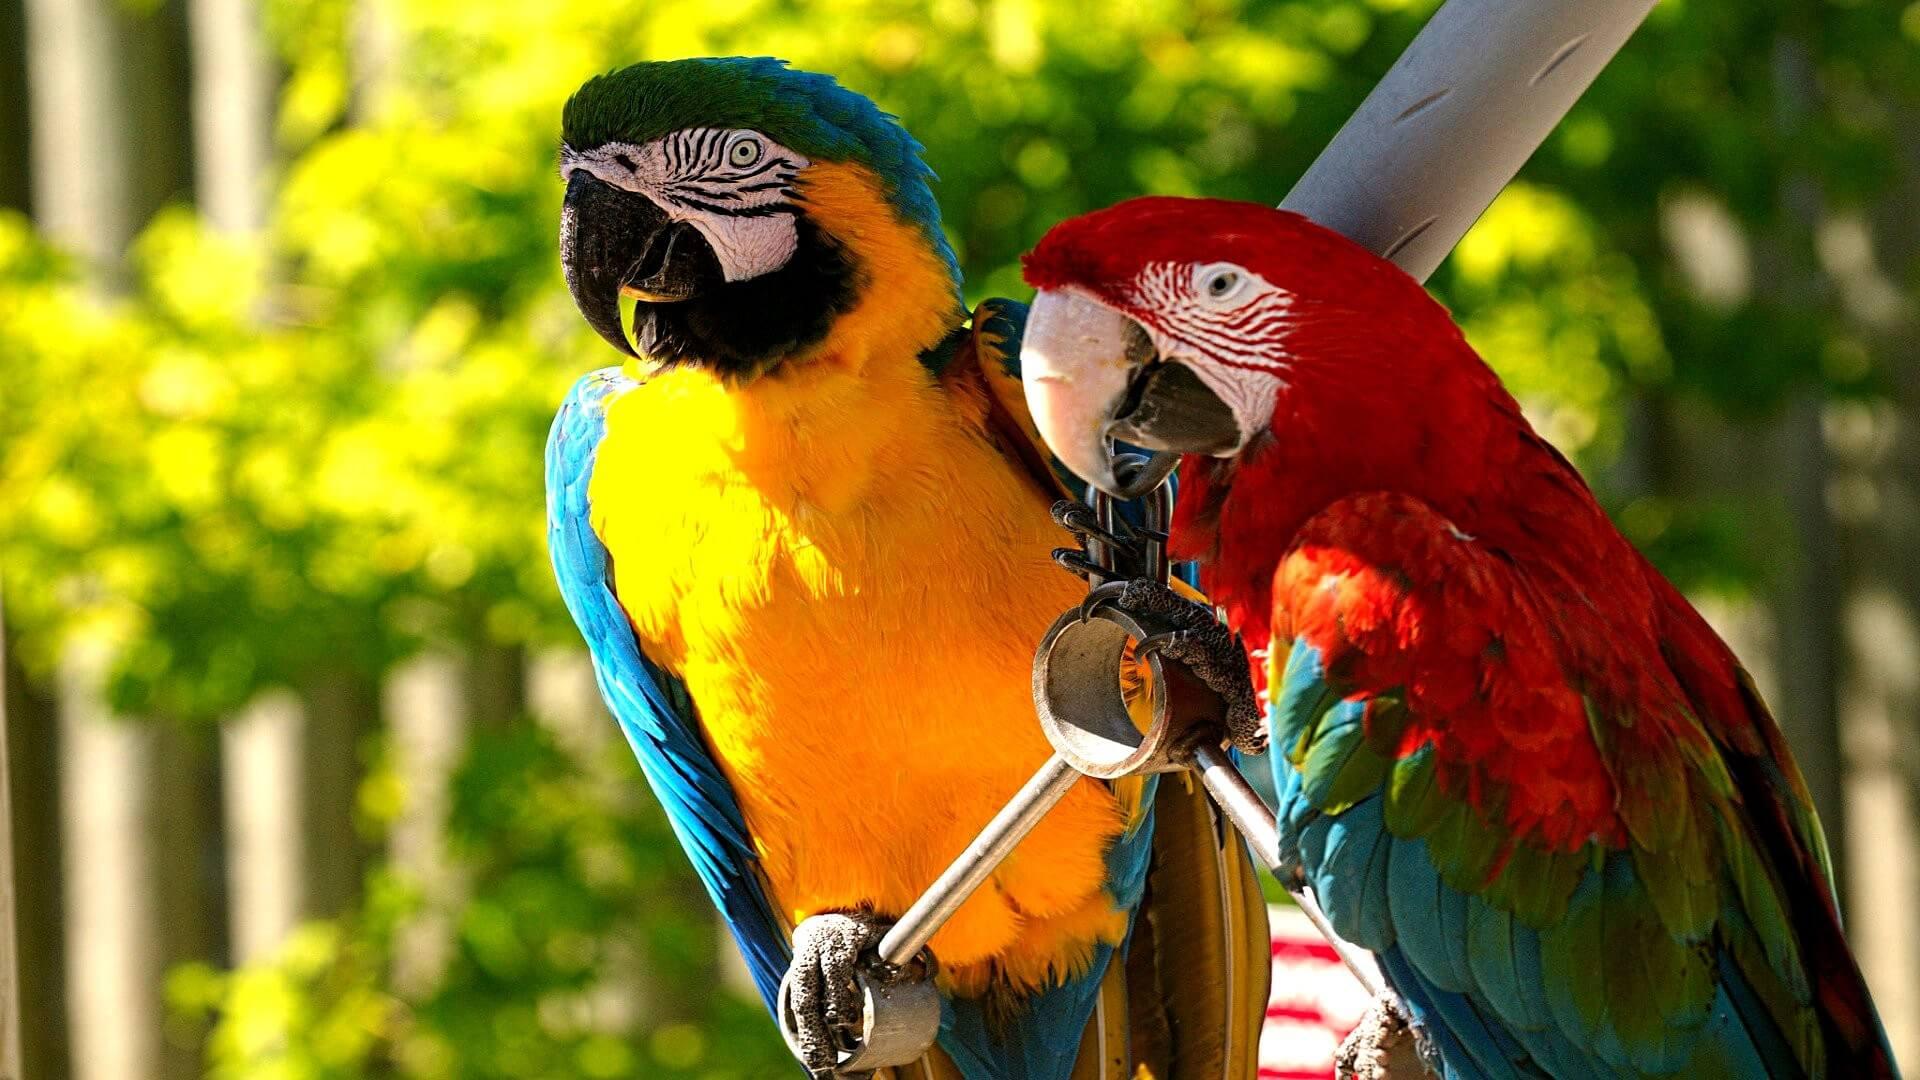 День, красивые картинки с попугаями на рабочий стол